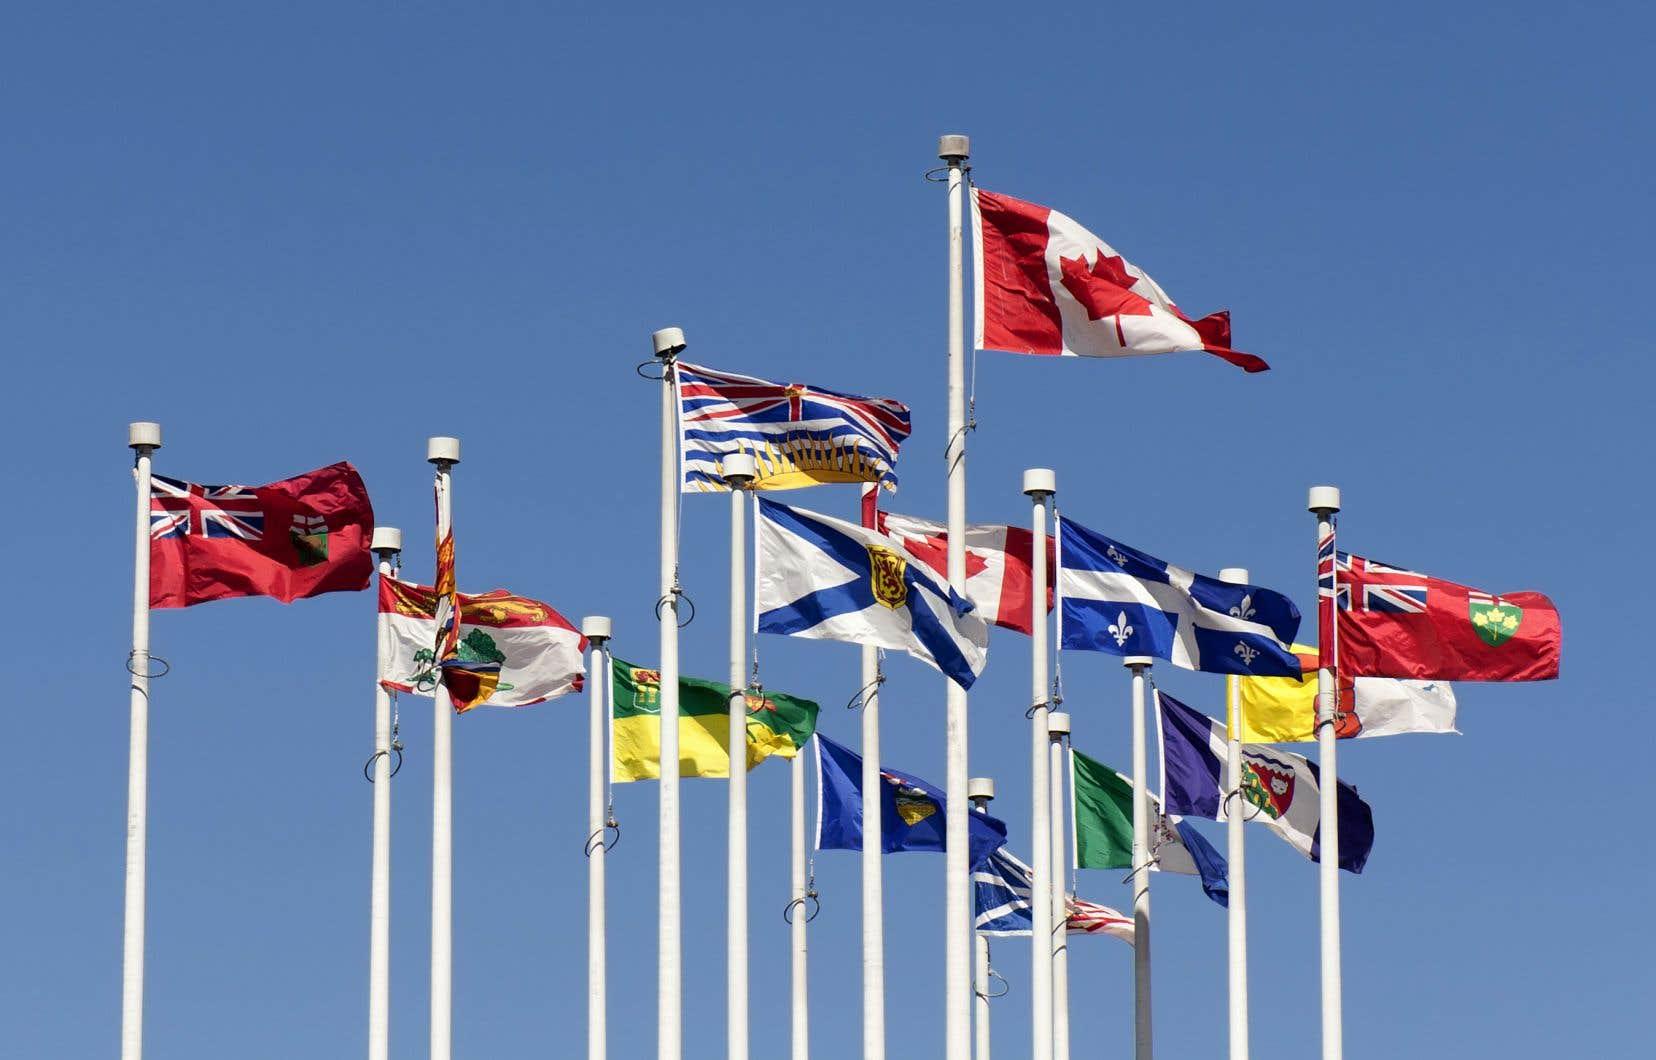 Le Québec «est la province qui génère le plus de revenus autonomes, ces recettes atteignant 20,7% du PIB, devant Terre-Neuve-et-Labrador avec 19,6%. L'Alberta, à 13,5% du PIB, présentait la proportion la plus faible parmi les provinces».